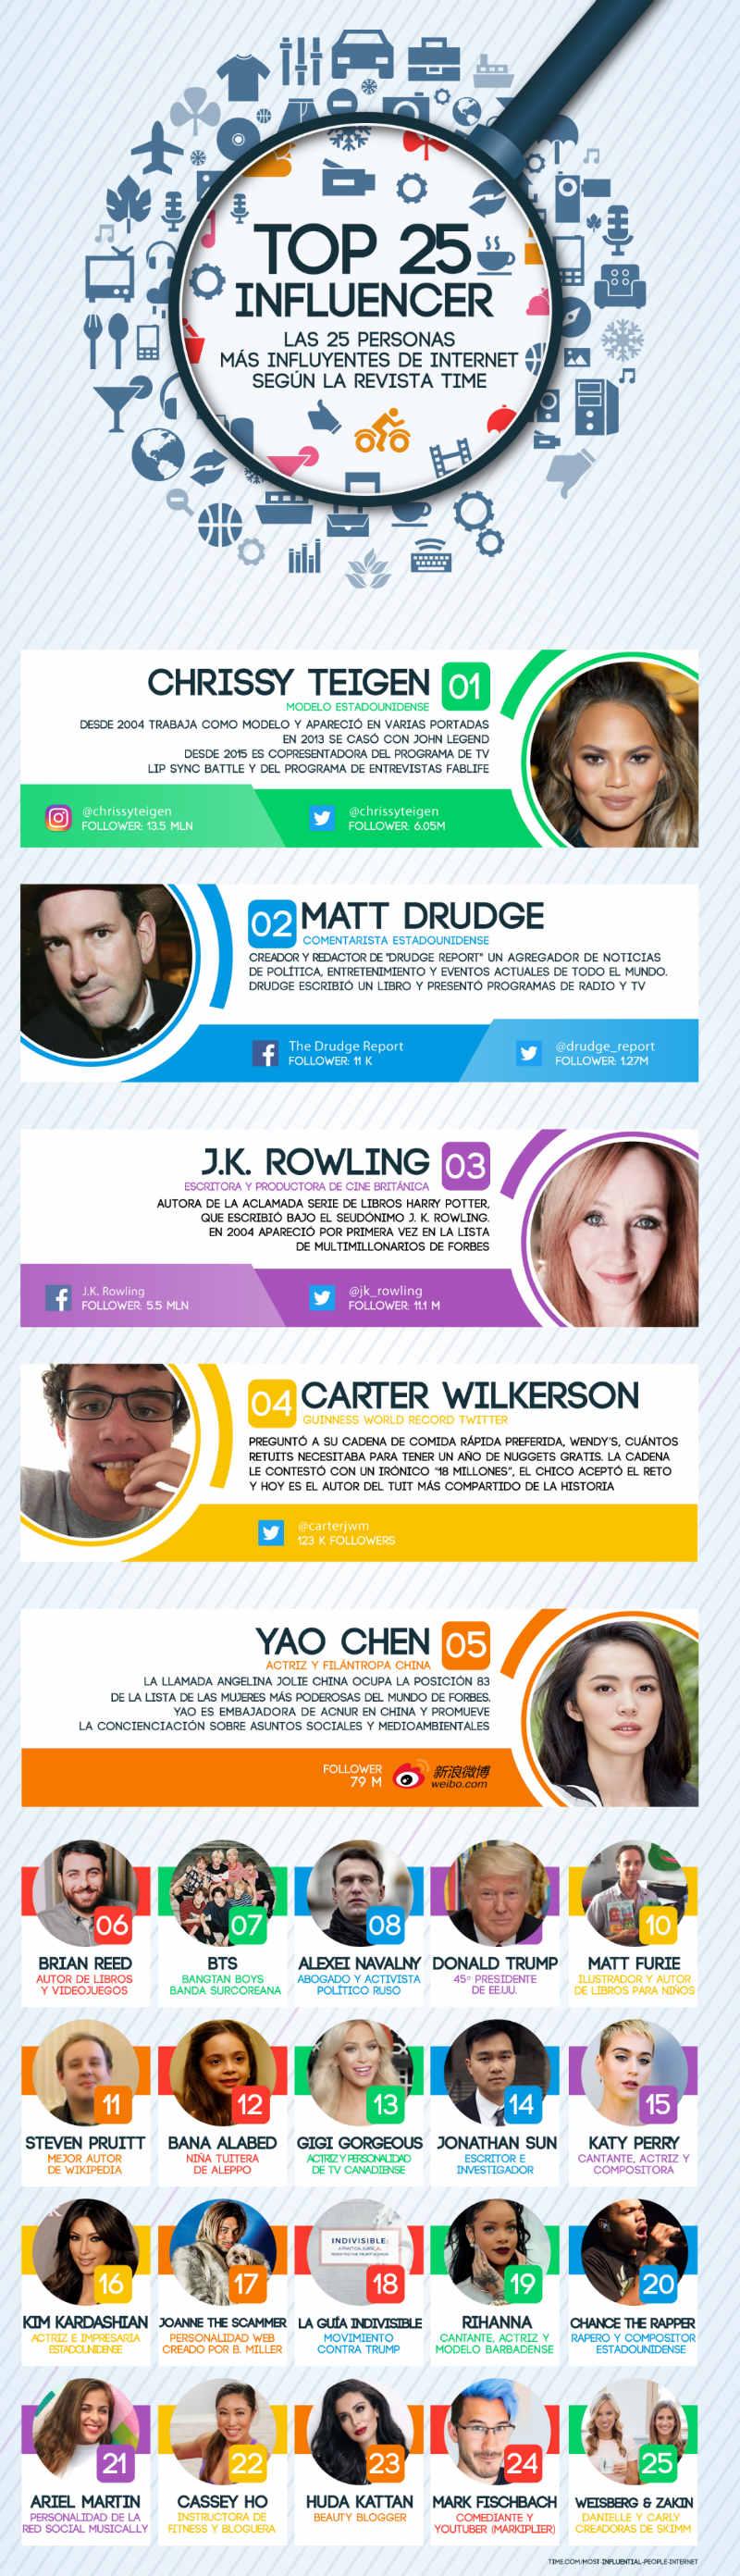 Influencer Web